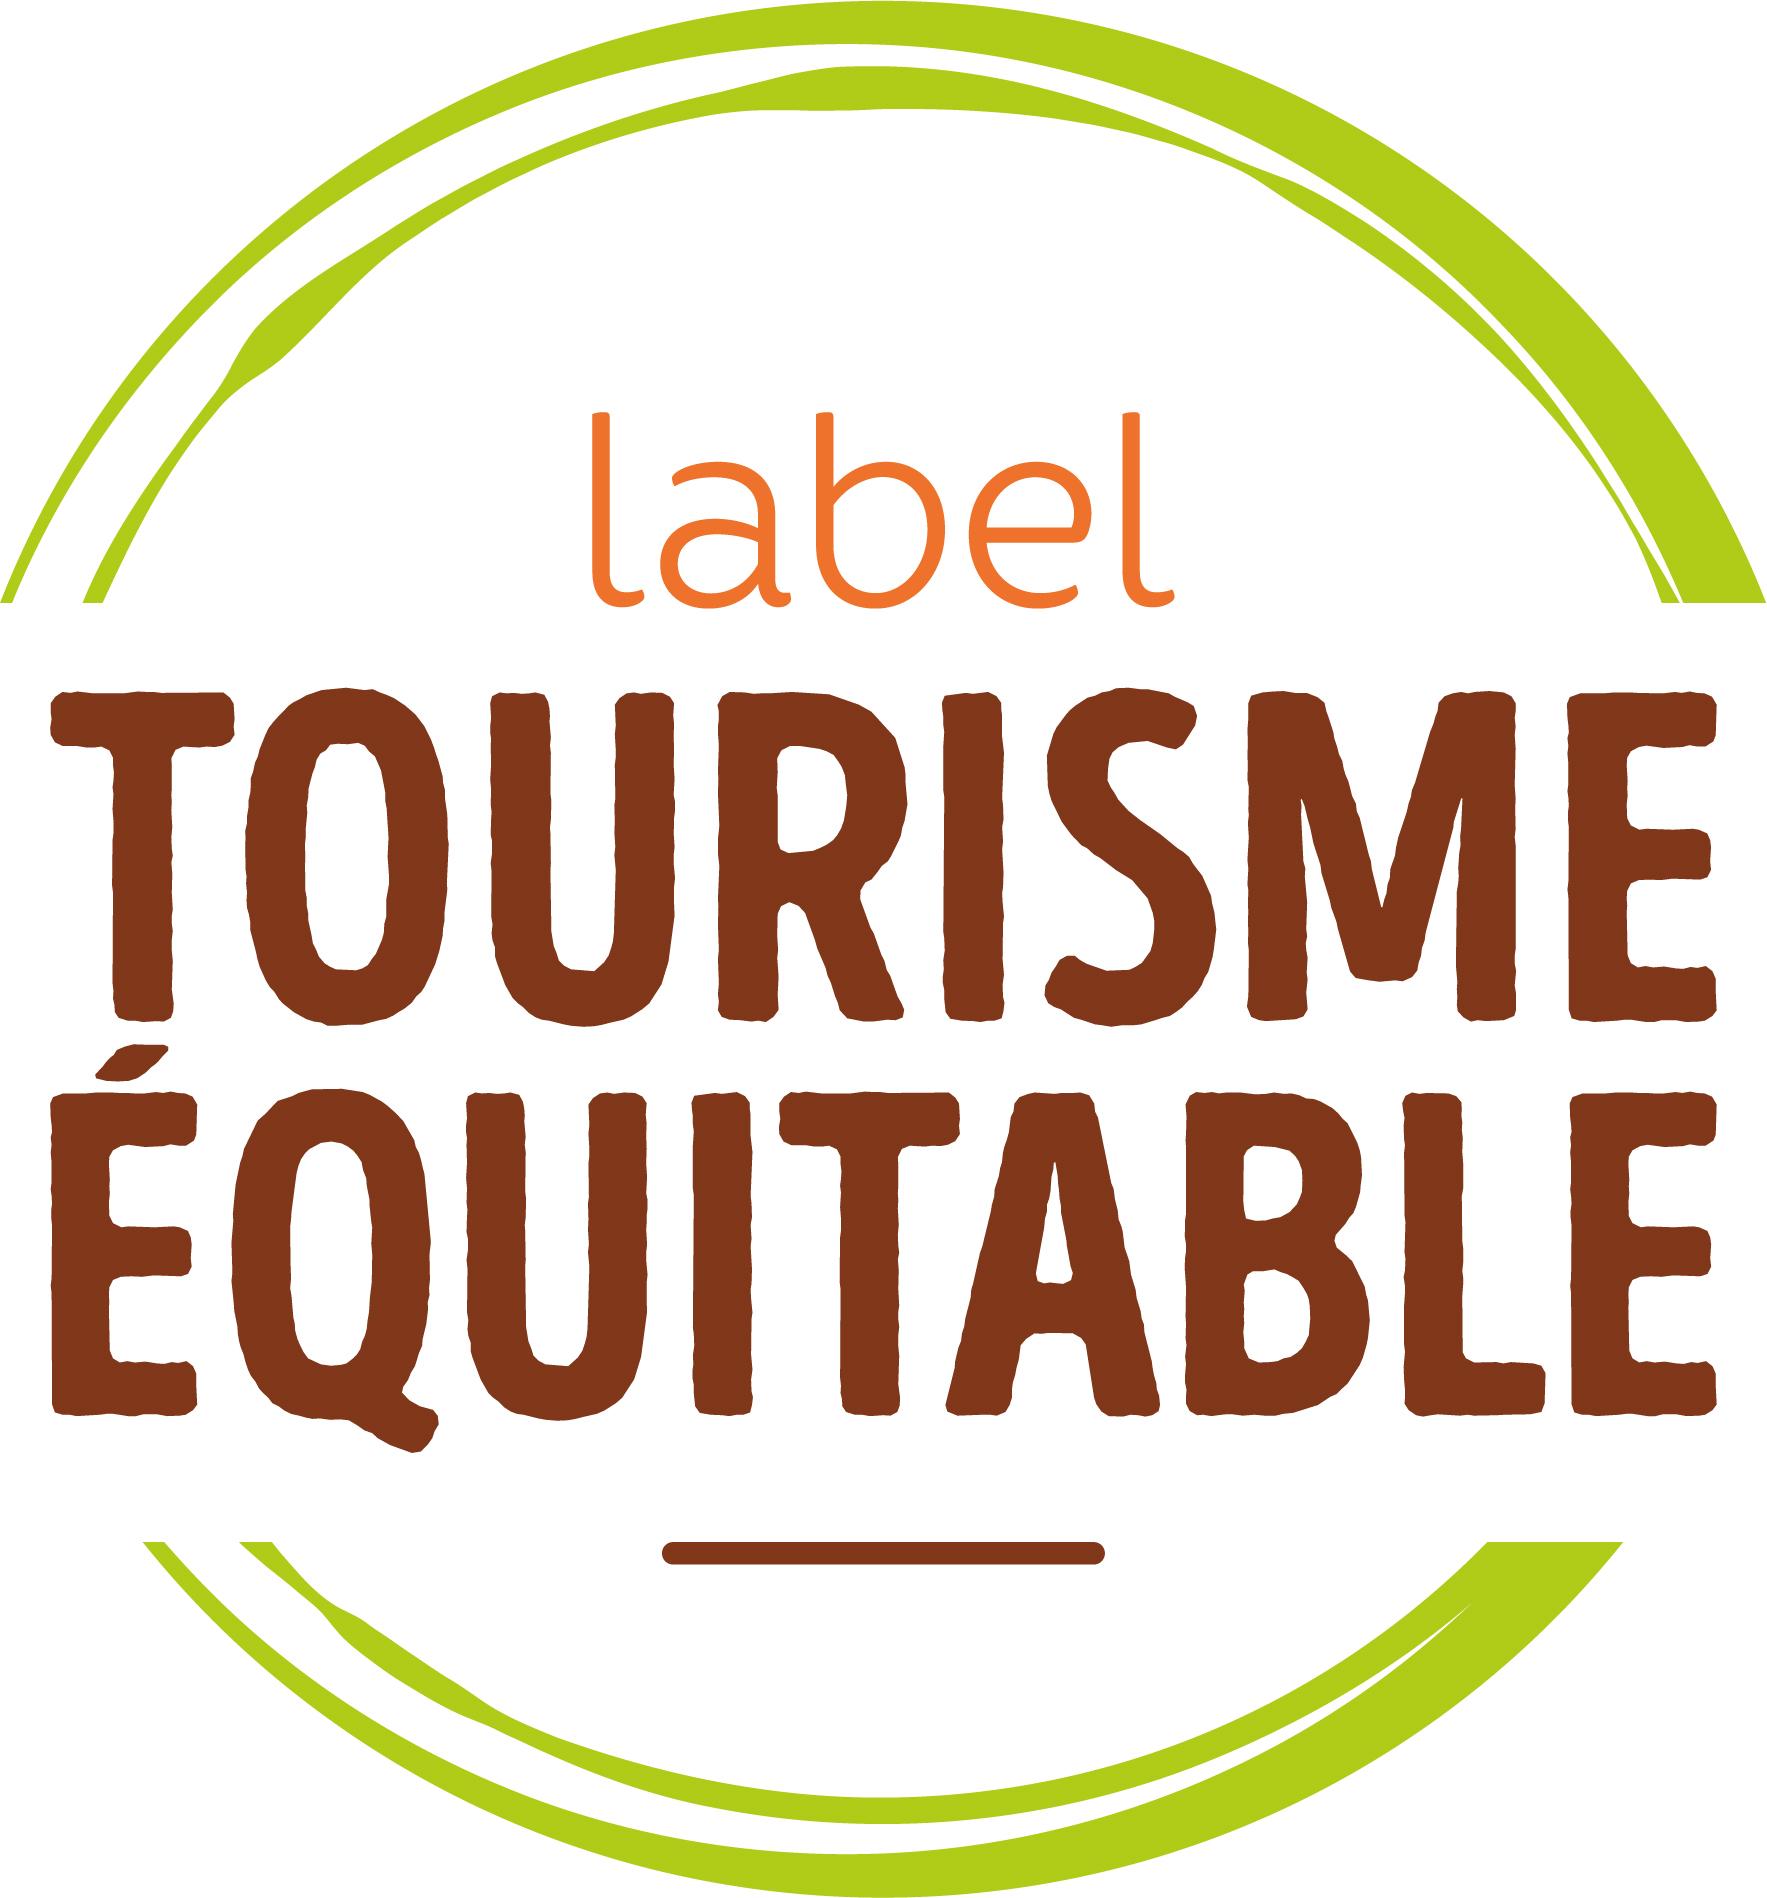 label tourisme équitable